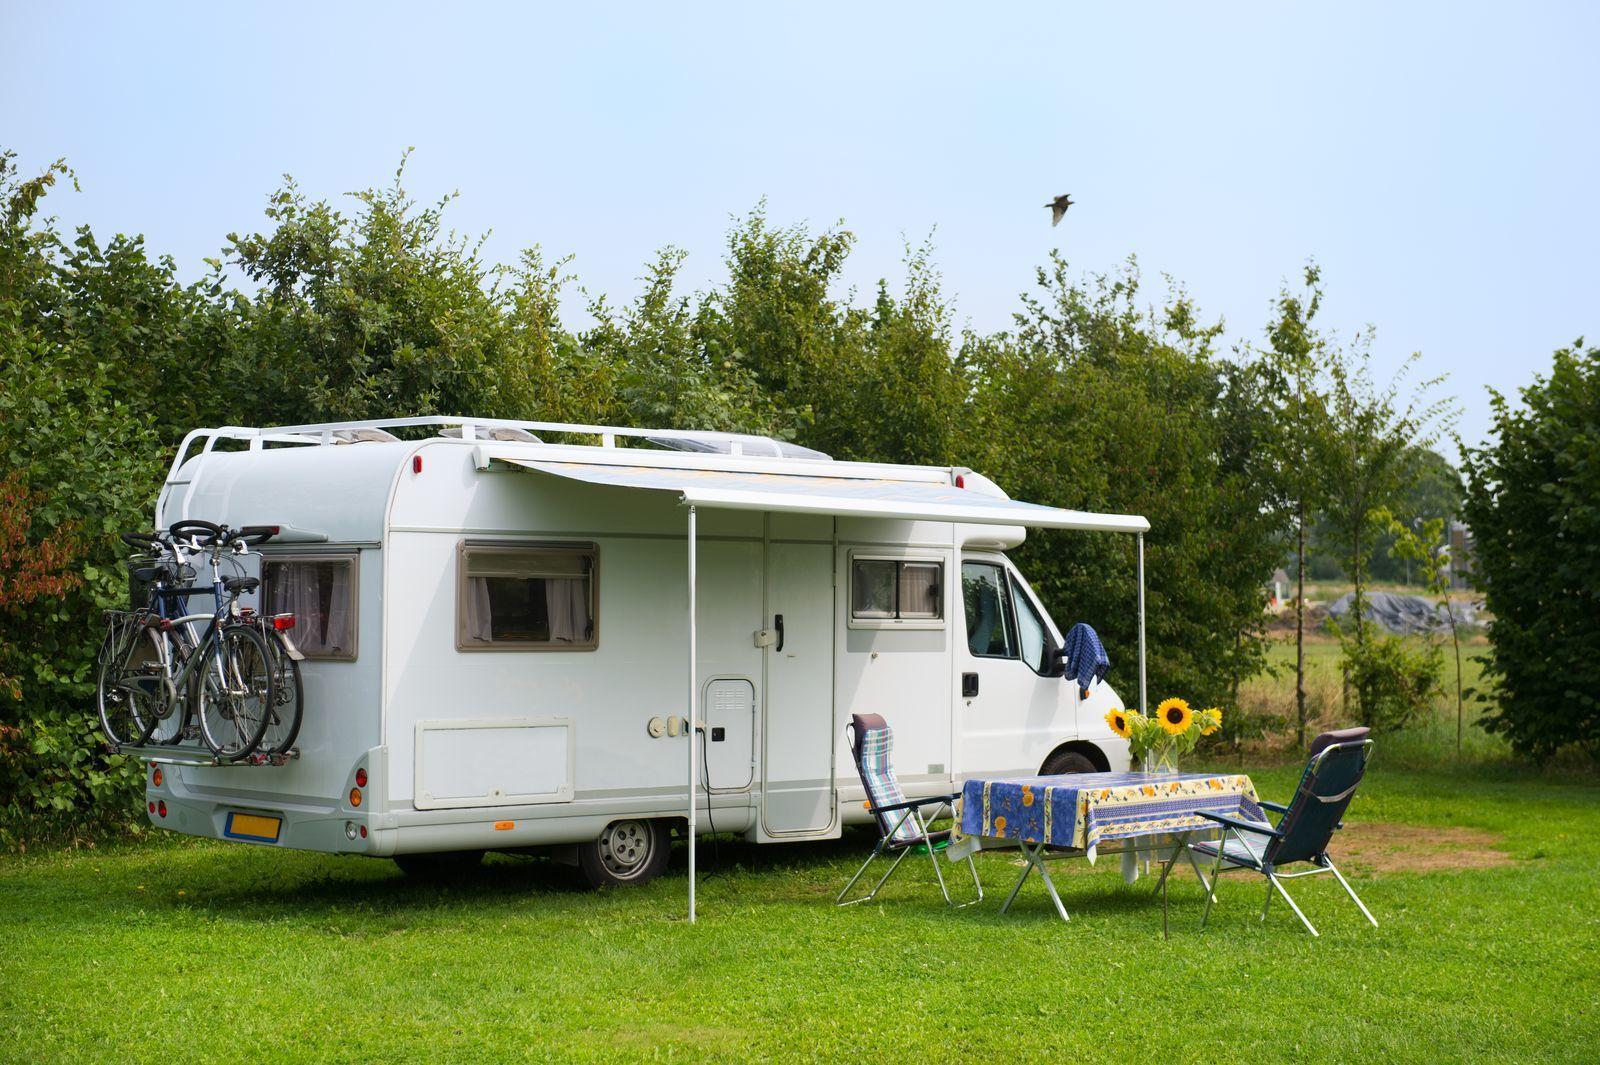 Camperplaats groot